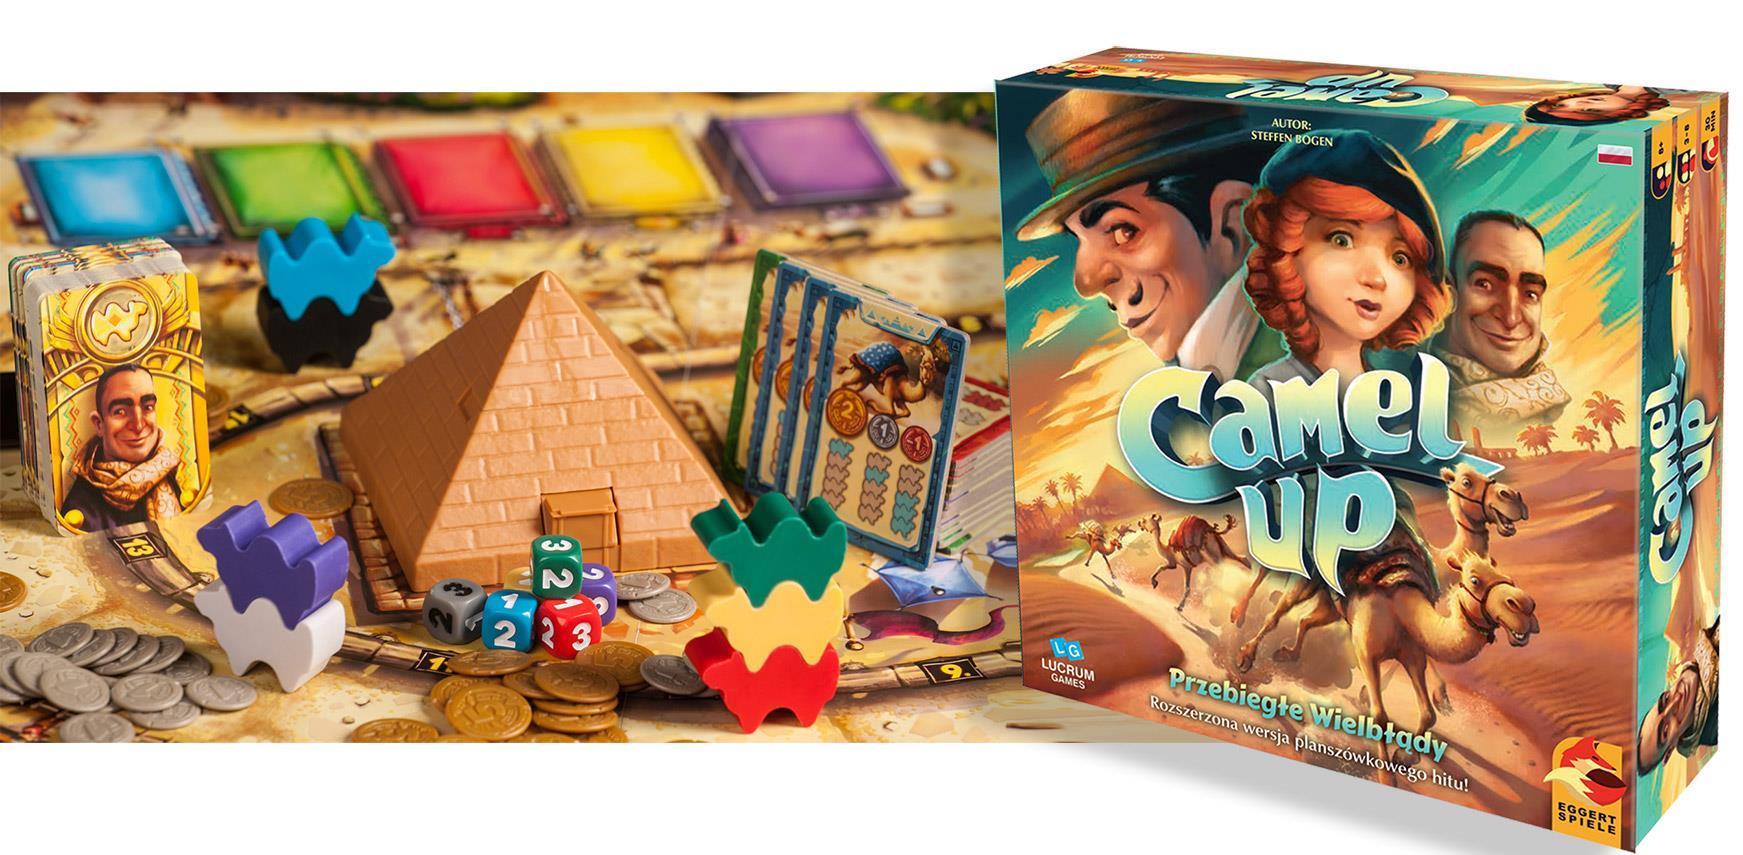 Przebiegłe Wielbłądy - Camel Up, LUCRUM Games